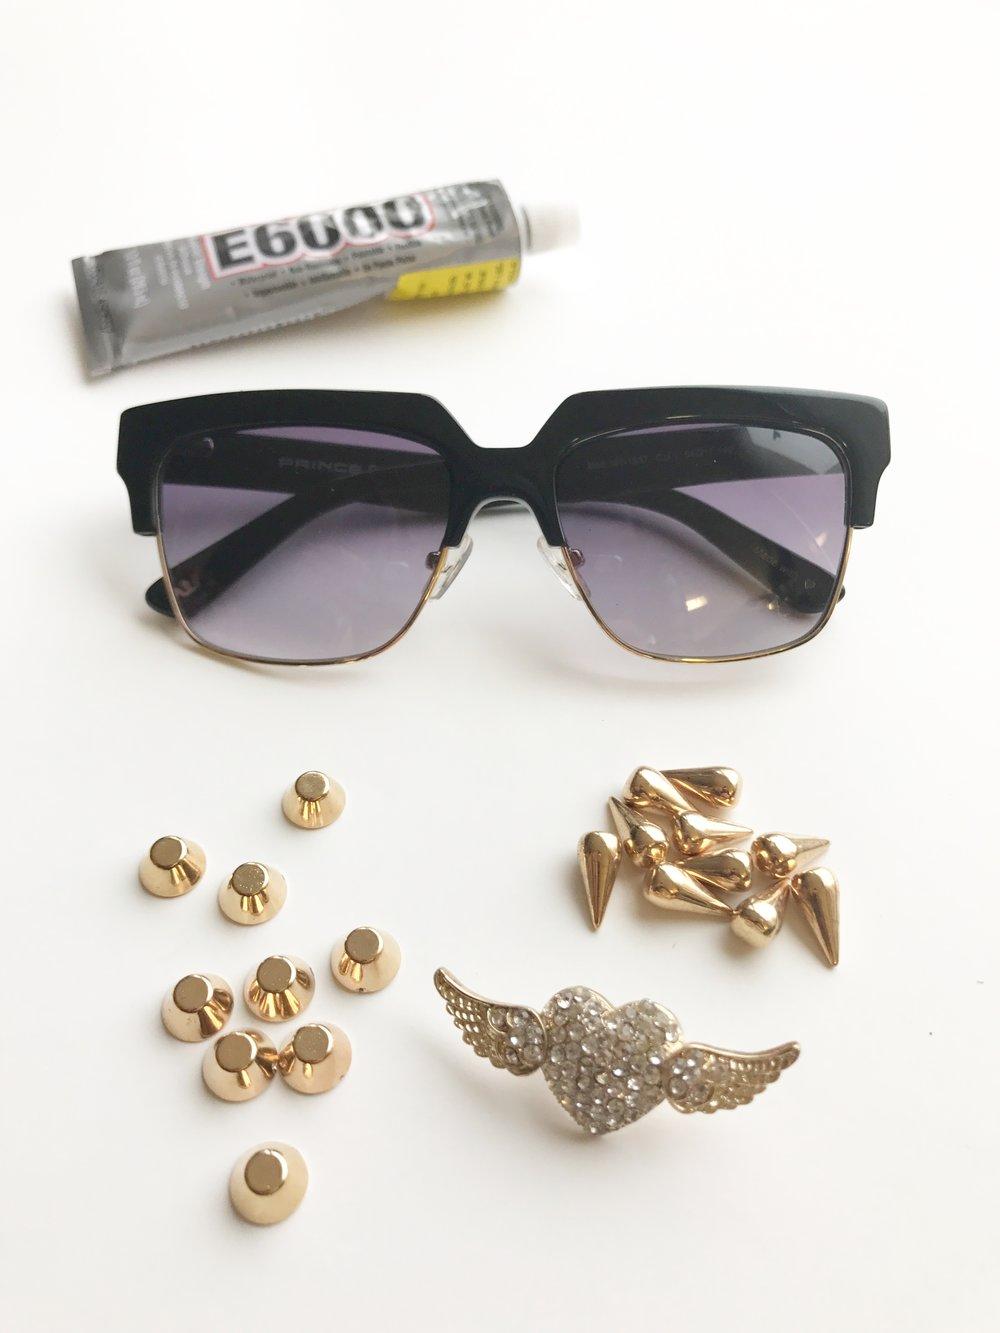 פרינס: משקפי שמש, 690₪ | אבגד: דבק בינוני -20₪ (E600), ניטים בצורת חרוט– 7.9 ₪ ל-10 יחידות, ניטים עגולים -7.9 ֿל–10 יחידות, לב עם כנפיים - 3.5 ₪ ליחידה